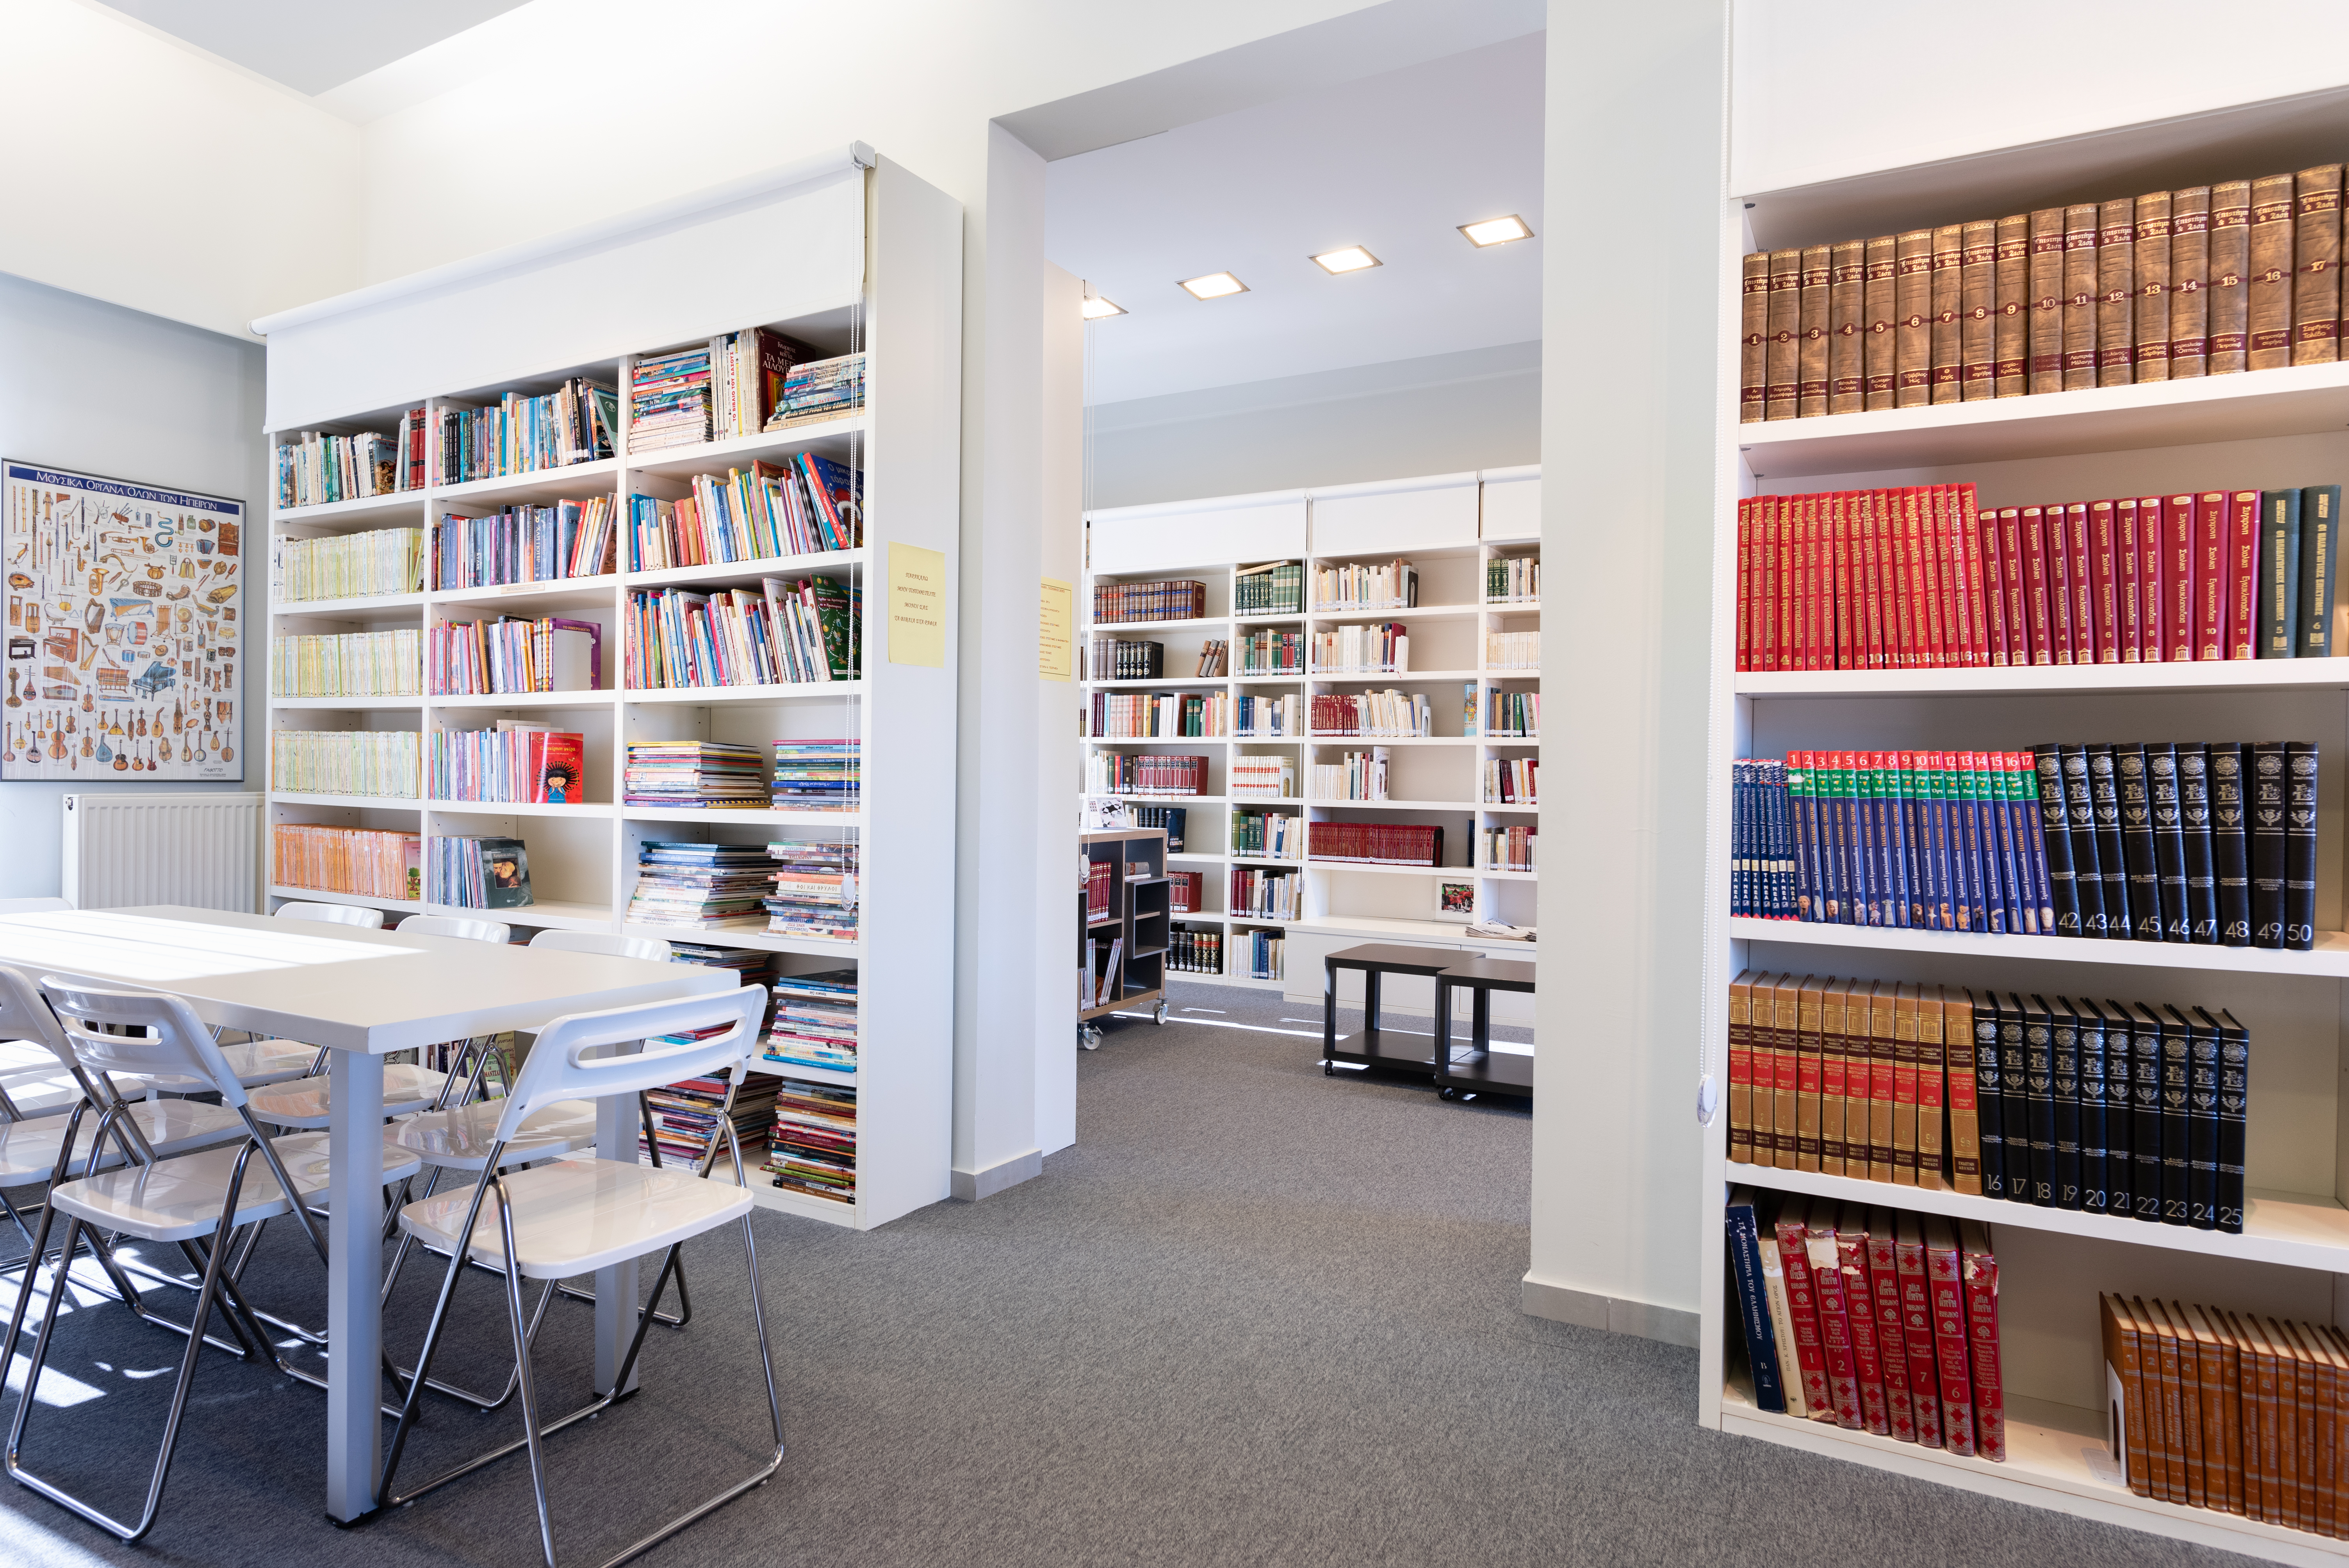 Λειτουργία της Βιβλιοθήκης για το κοινό